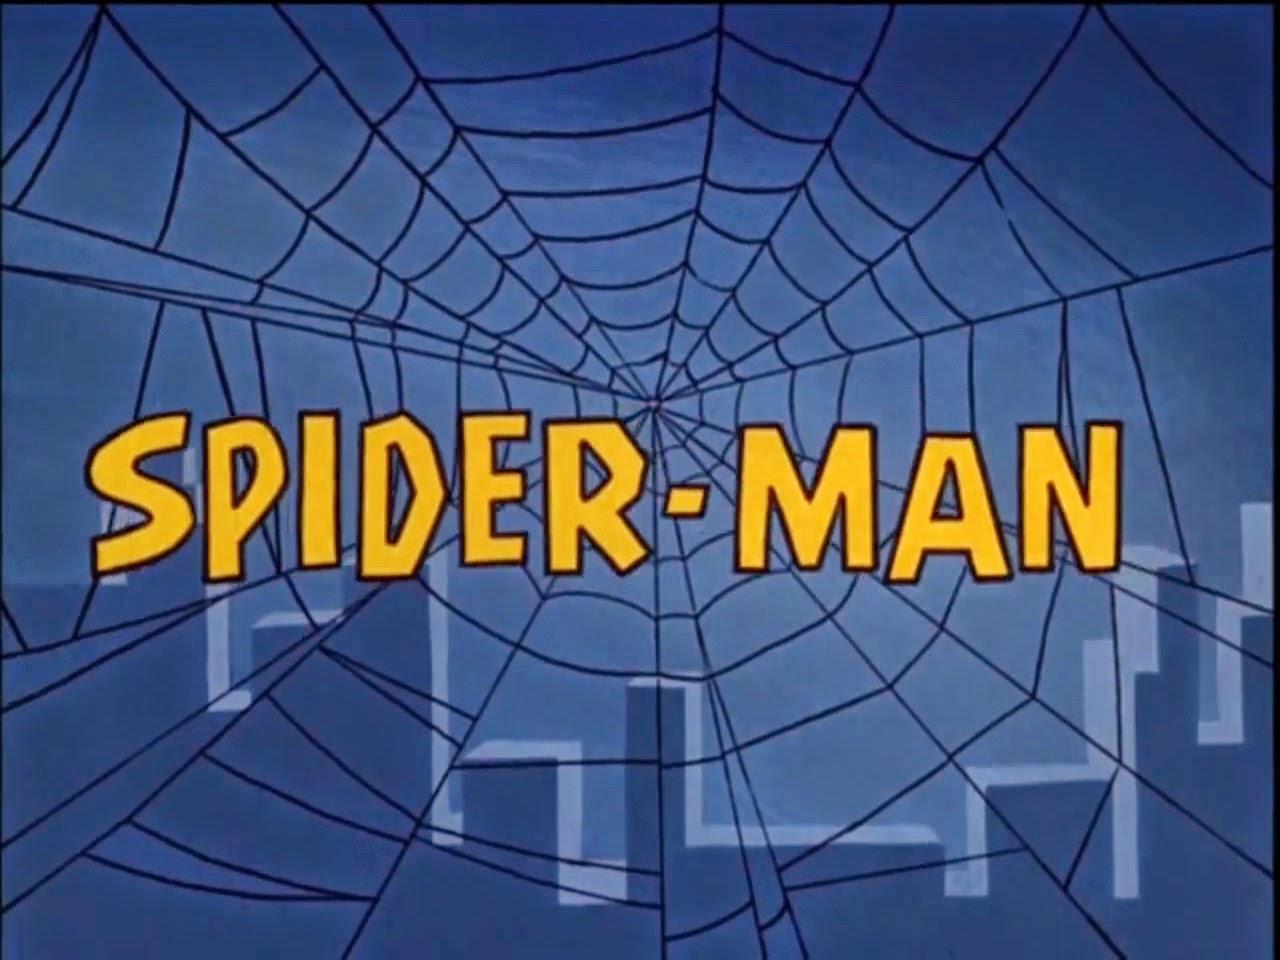 http://saturdaymorningsforever.blogspot.com/2014/09/spider-man-1967.html